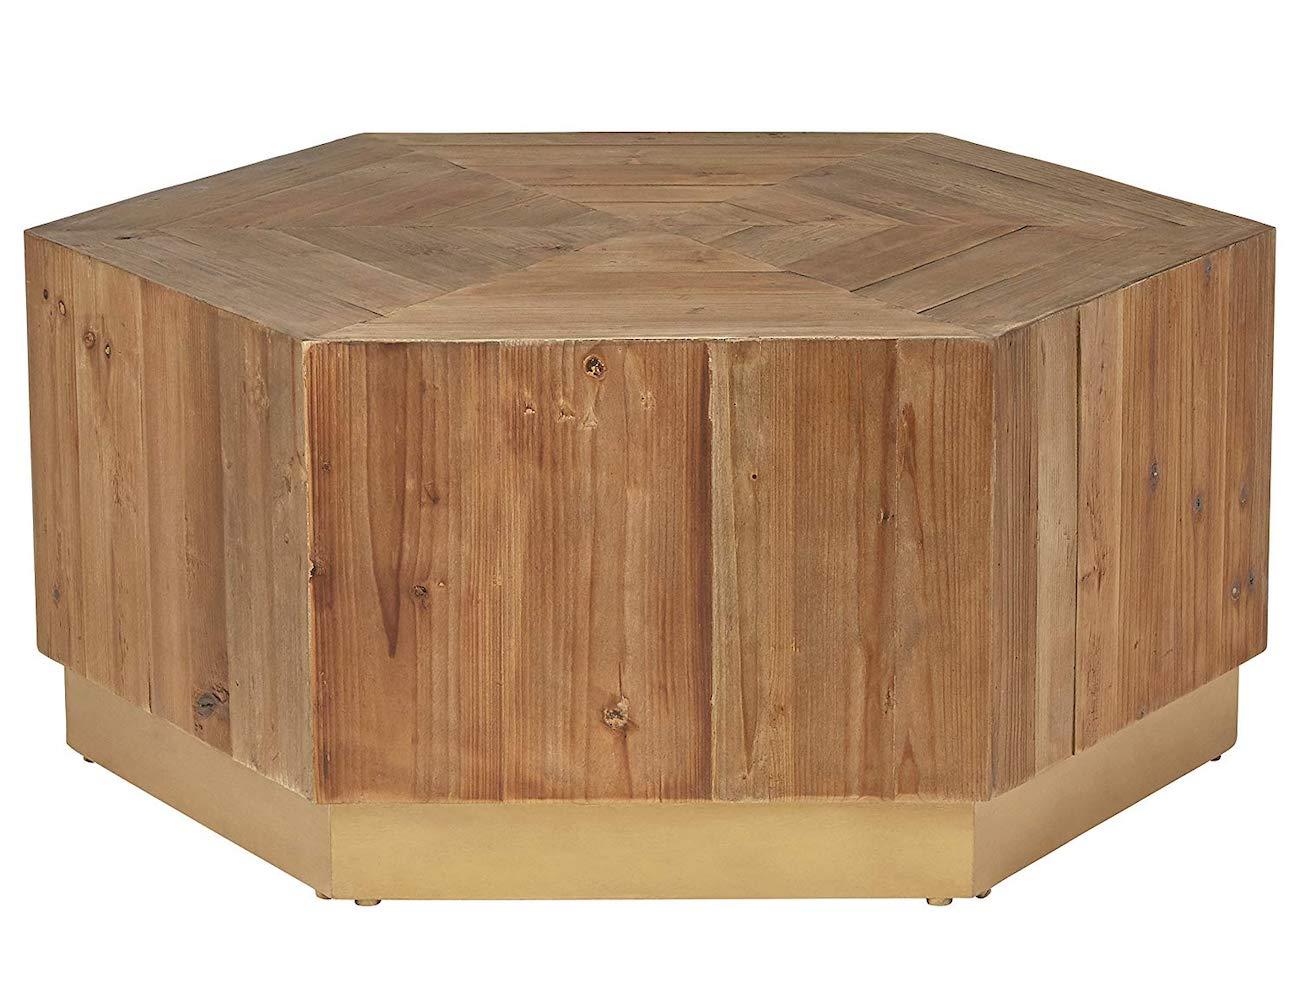 Rivet Rustic Wood Coffee Table